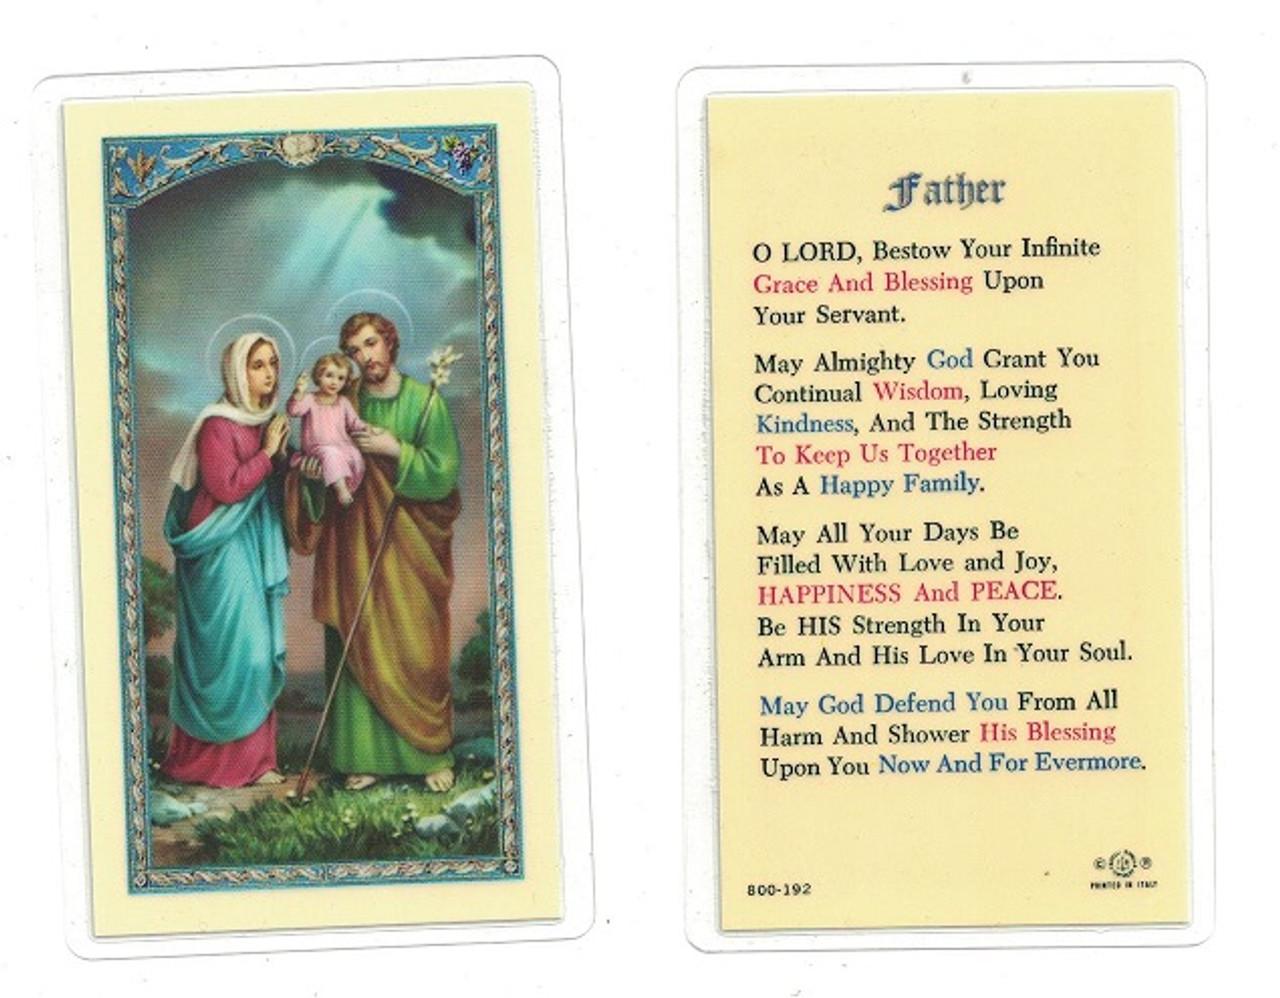 Father Laminated Prayer Card